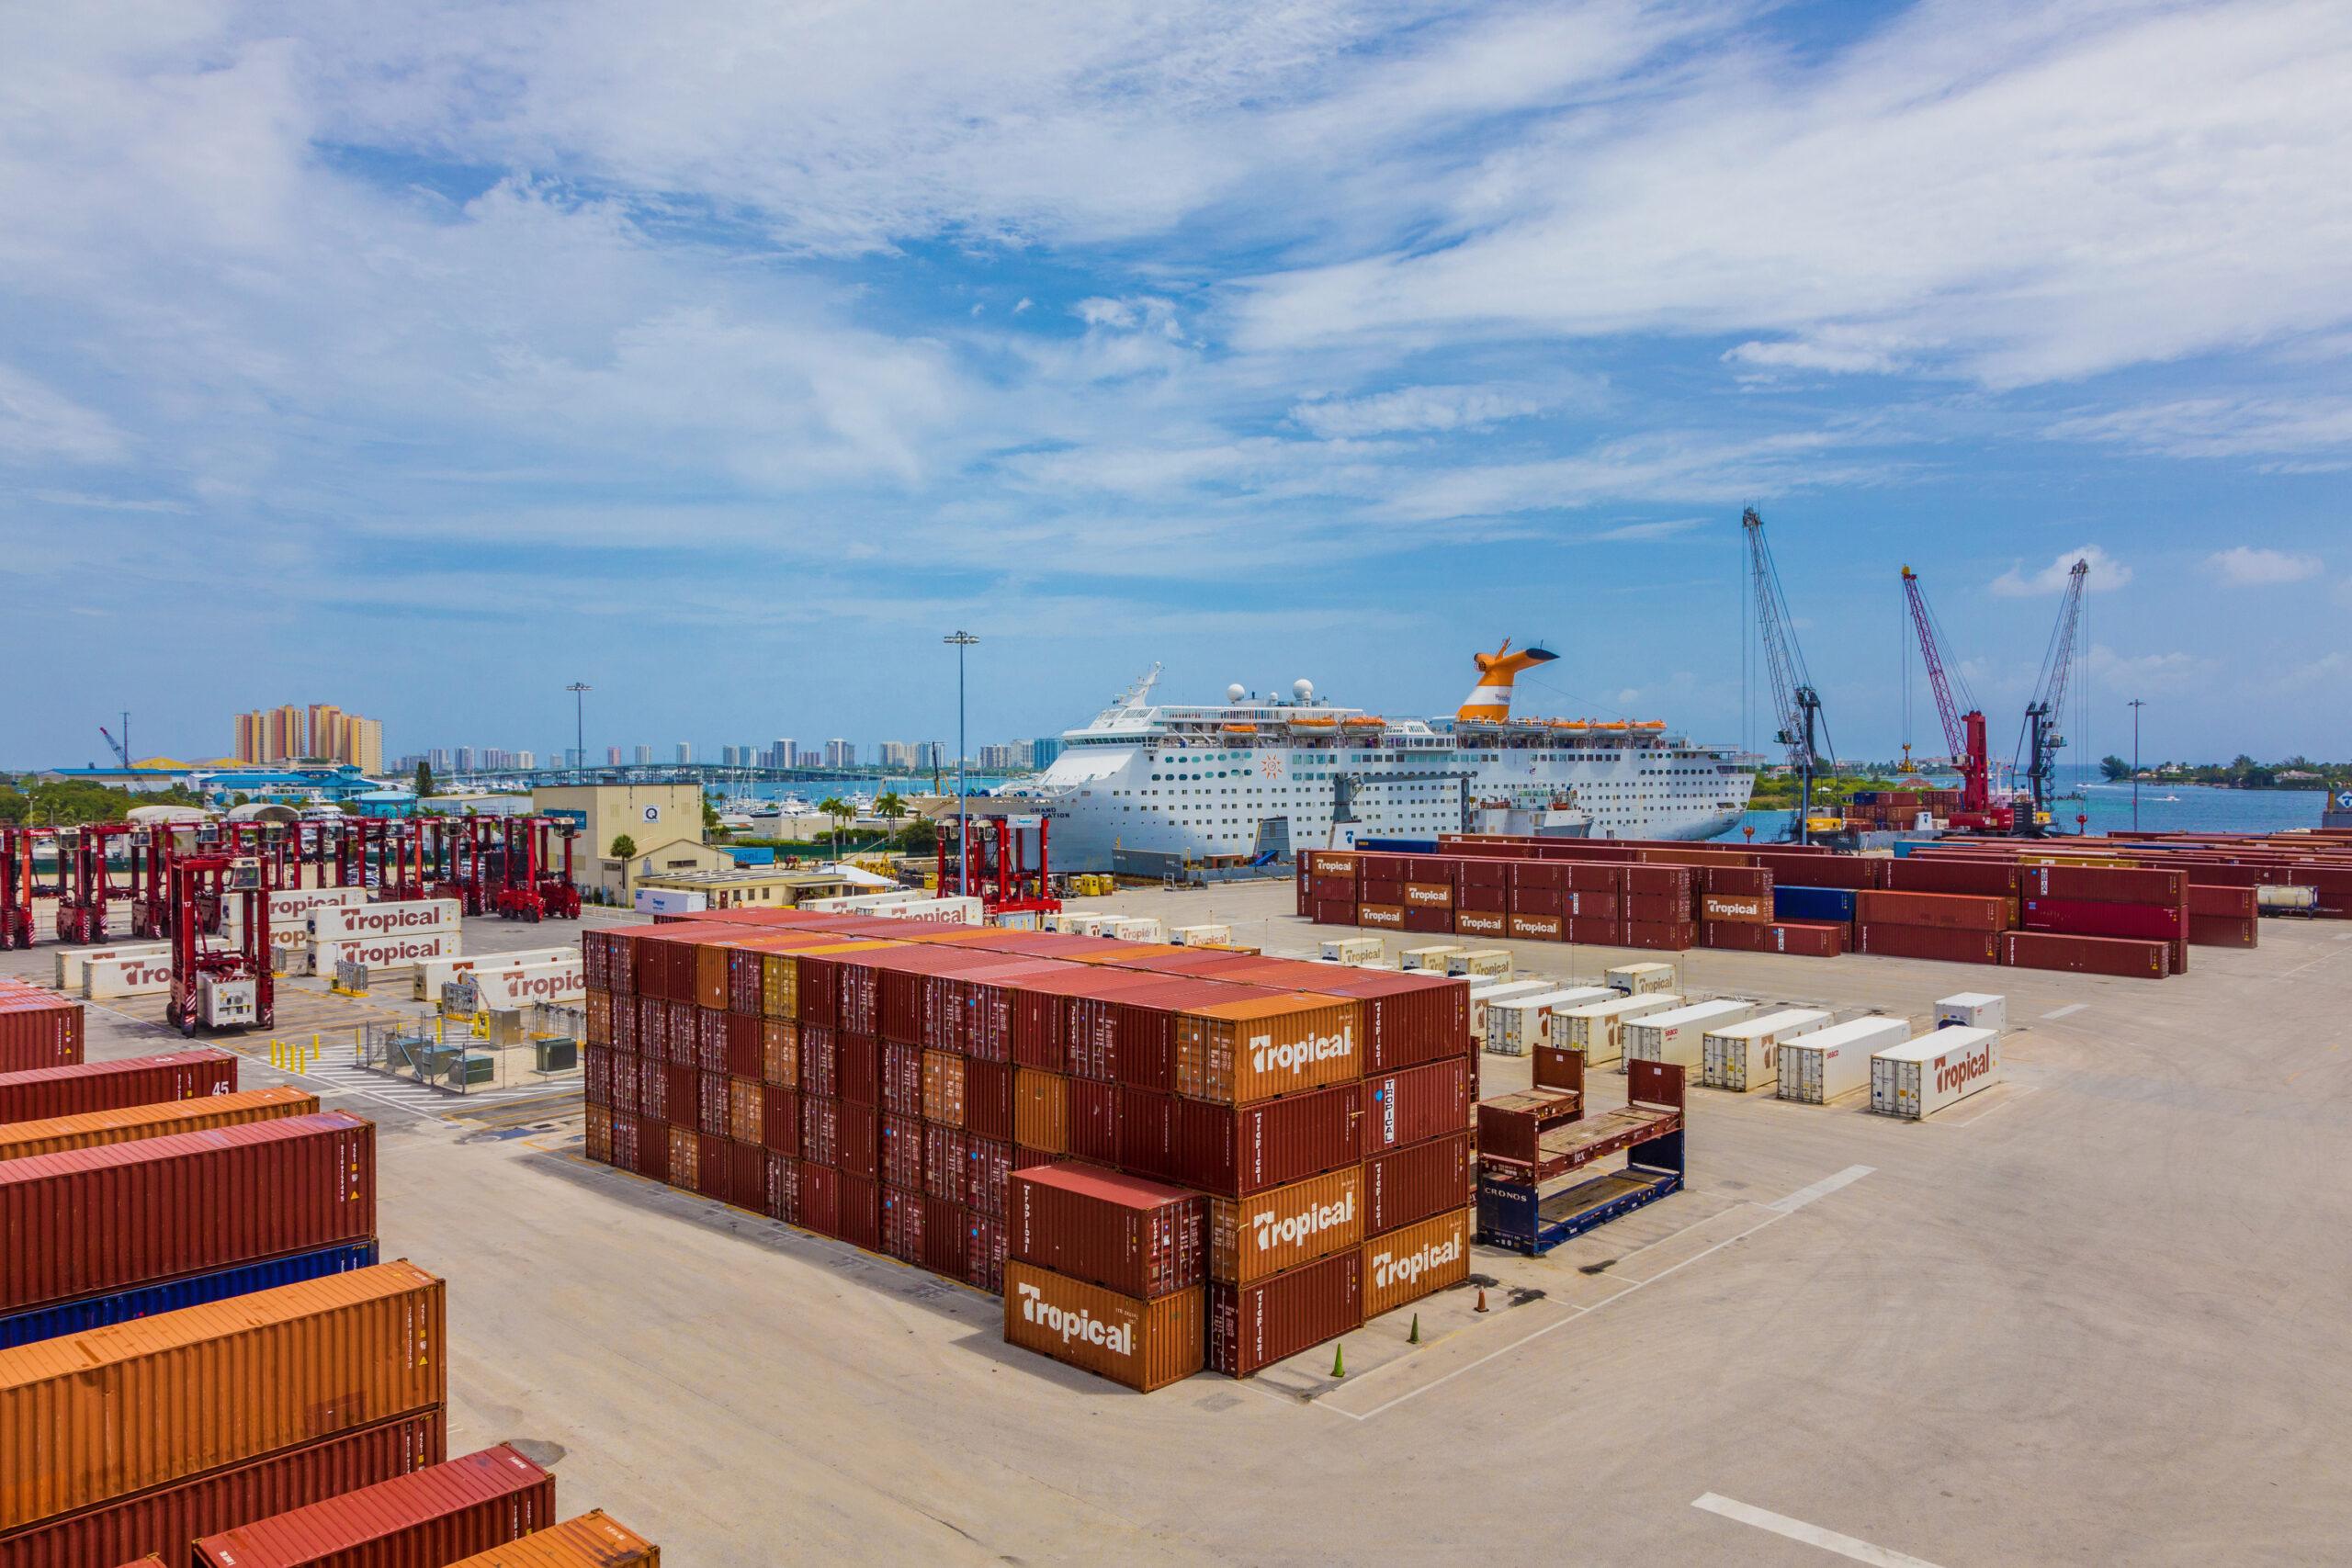 Port of Palm Beach adopts STRAX Platform for Enhanced Security